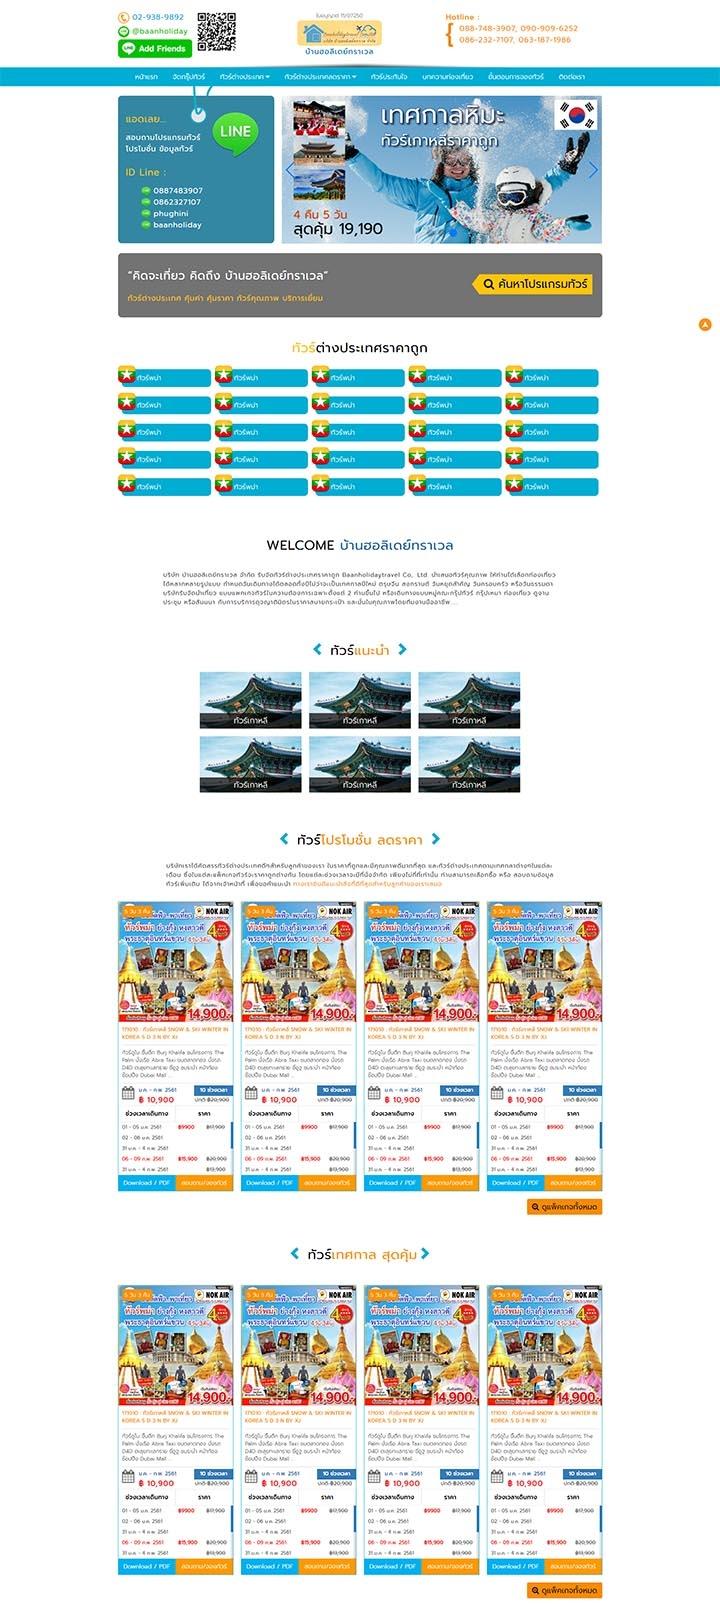 ทำเว็บทัวร์ท่องเที่ยวต่างประเทศ,ออกแบบเว็บไซต์ระบบBookingทัวร์ออนไลน์